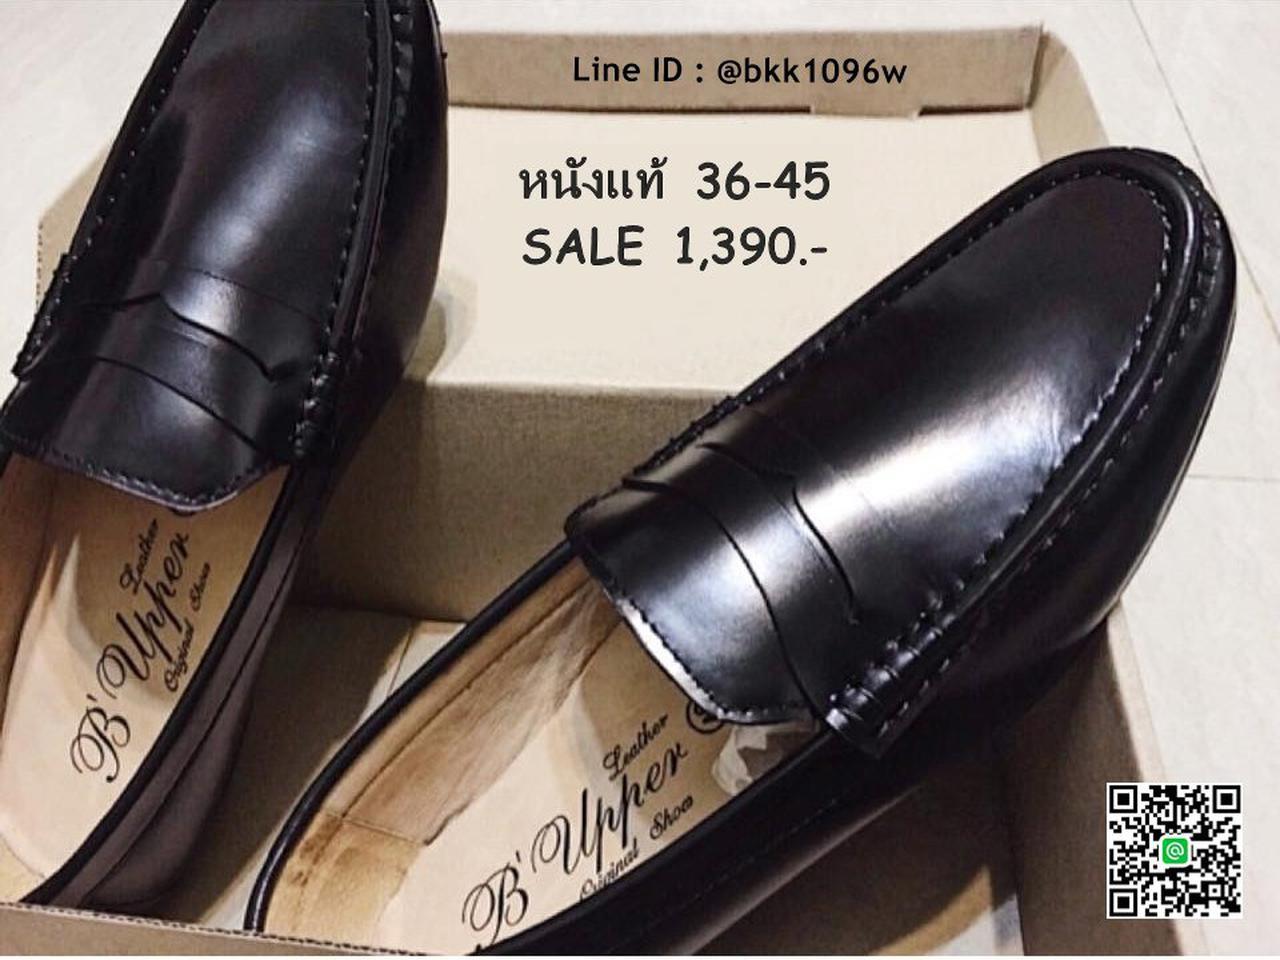 รองเท้าหนังแท้สีดำ ทรงโลฟเฟอร์ หัวมน วัสดุหนังแท้คุณภาพดี    รูปที่ 3